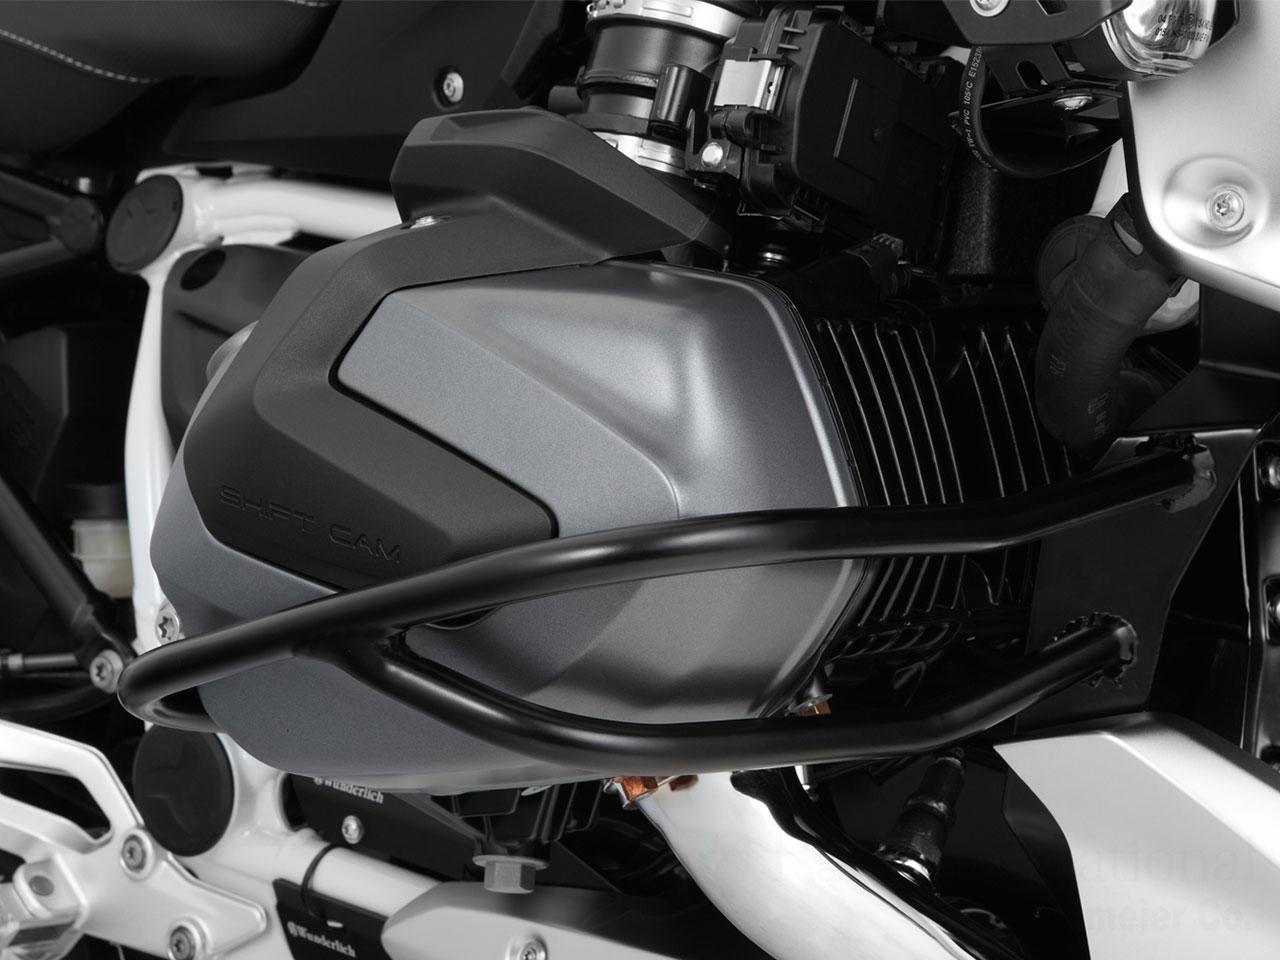 ヘプコ&ベッカーエンジンガード 「Sport」Wunderlich Edition R1250GSLC / R1250R